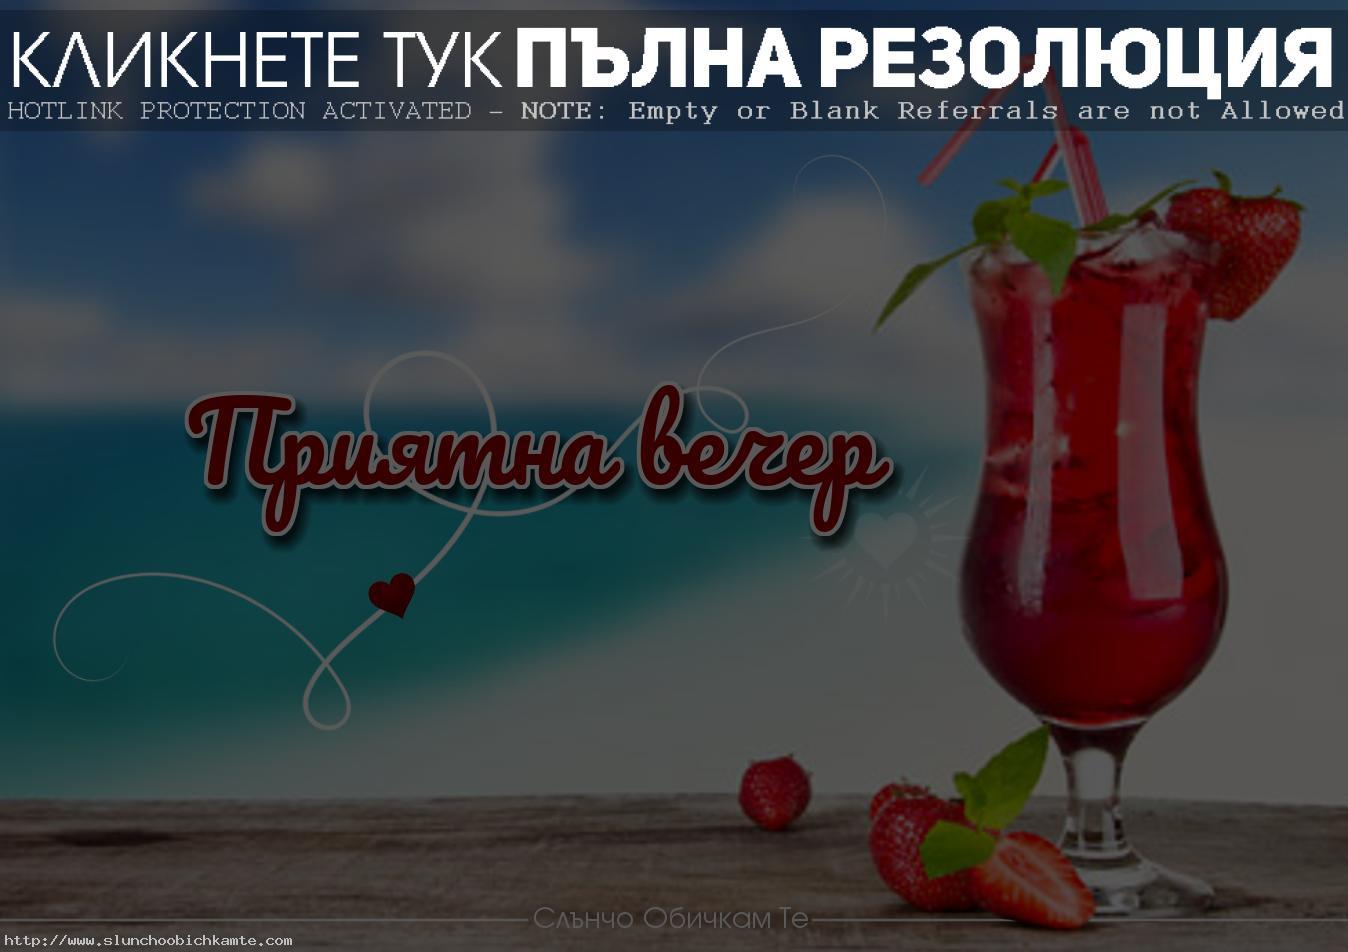 приятна вечер, приятели, виртуални приятели, пожелания за приятна вечер, приятна вечер на всички, коктейл, ягоди, море